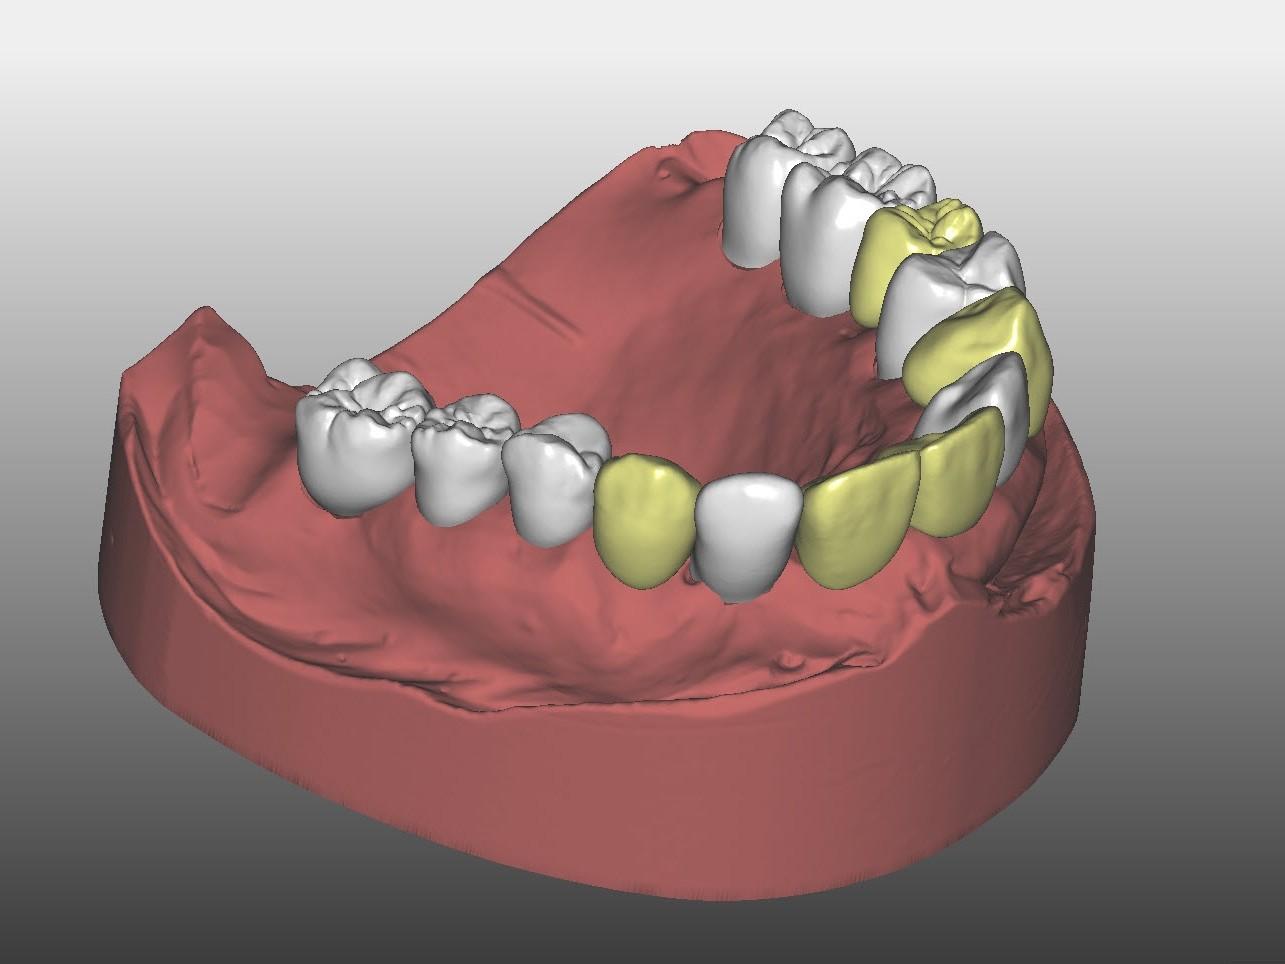 Abb. 9: Virtueller Zahnersatz